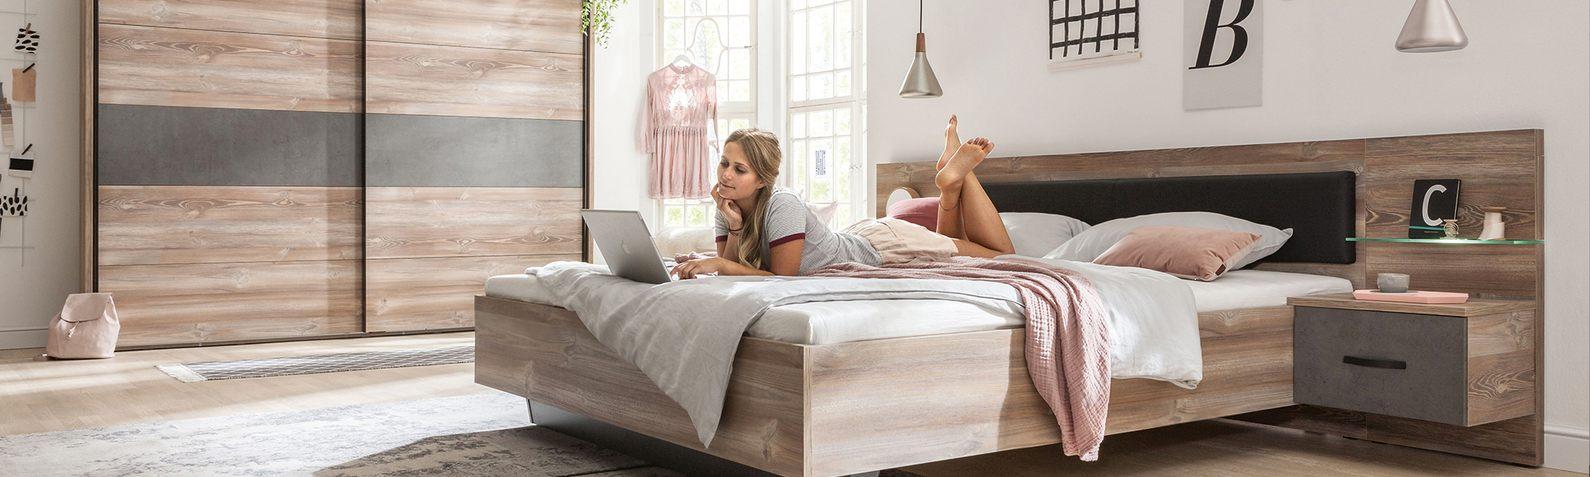 Schlafzimmer komplett einrichten | Sommerlad